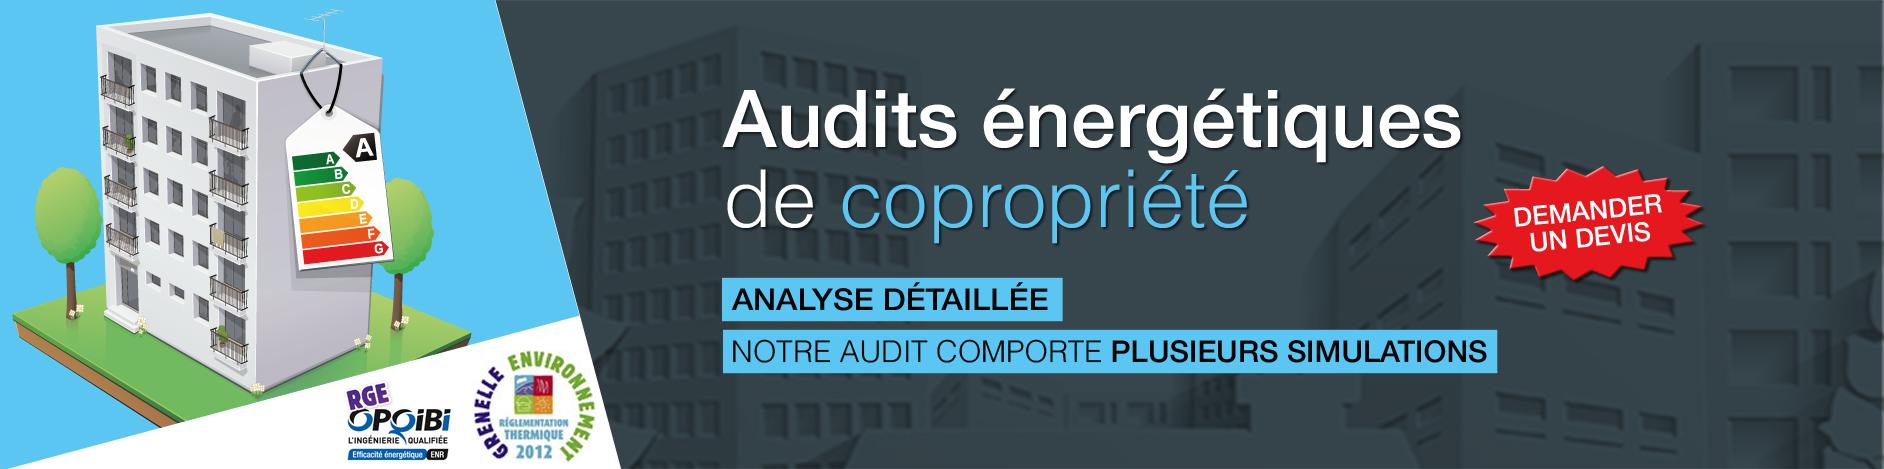 Copropri t audit energ tique obligatoire en copropri t thermiconseil - Audit energetique copropriete obligatoire ...